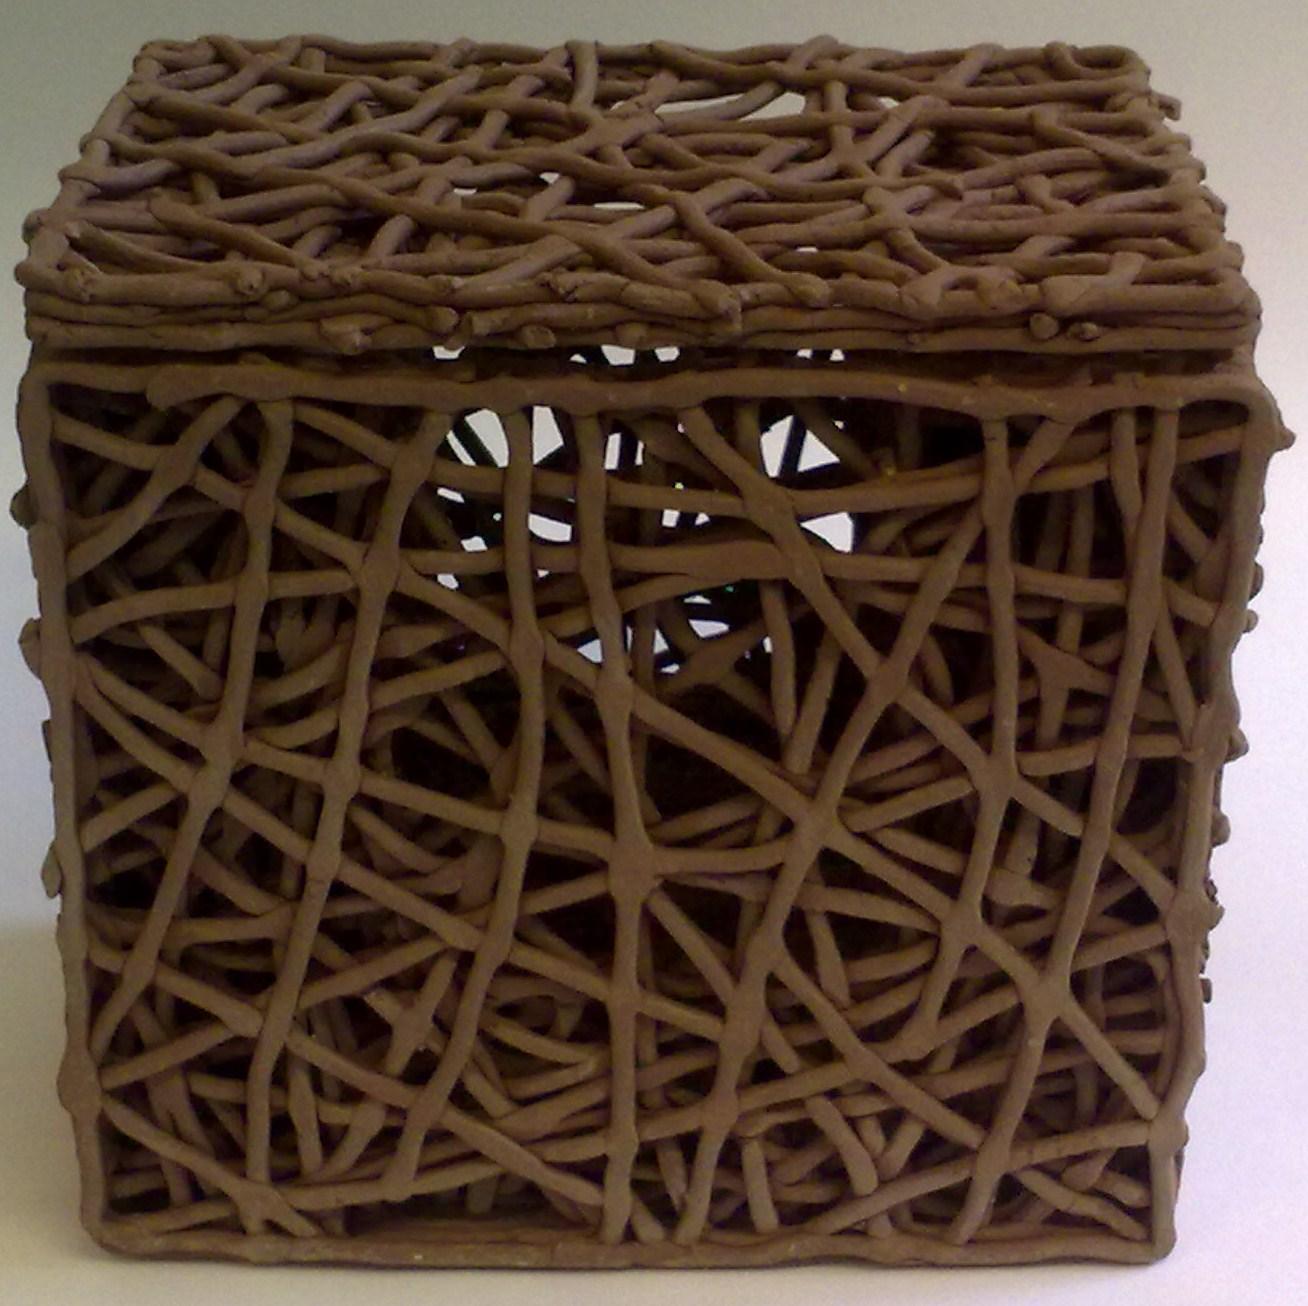 Tanglebox- ceramic